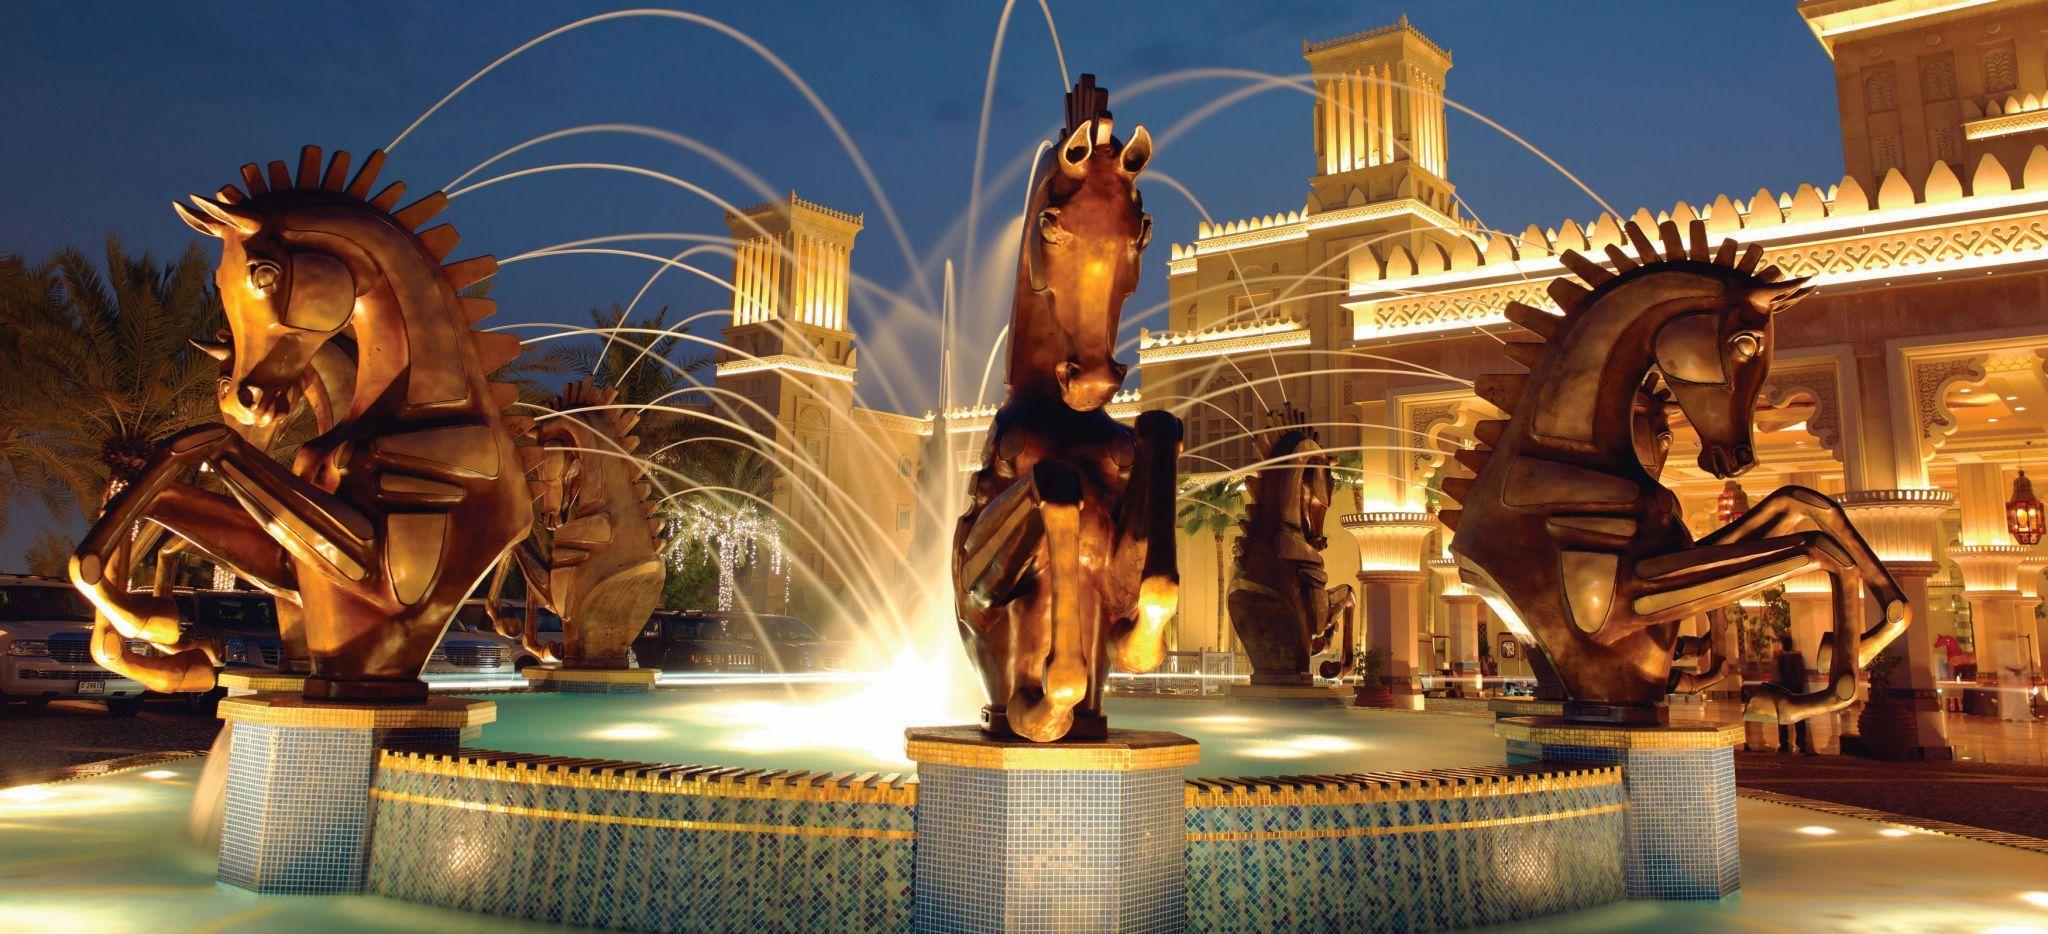 """Springbrunnen des Hotel """"Madinat Jumeirah Al Quasr"""""""